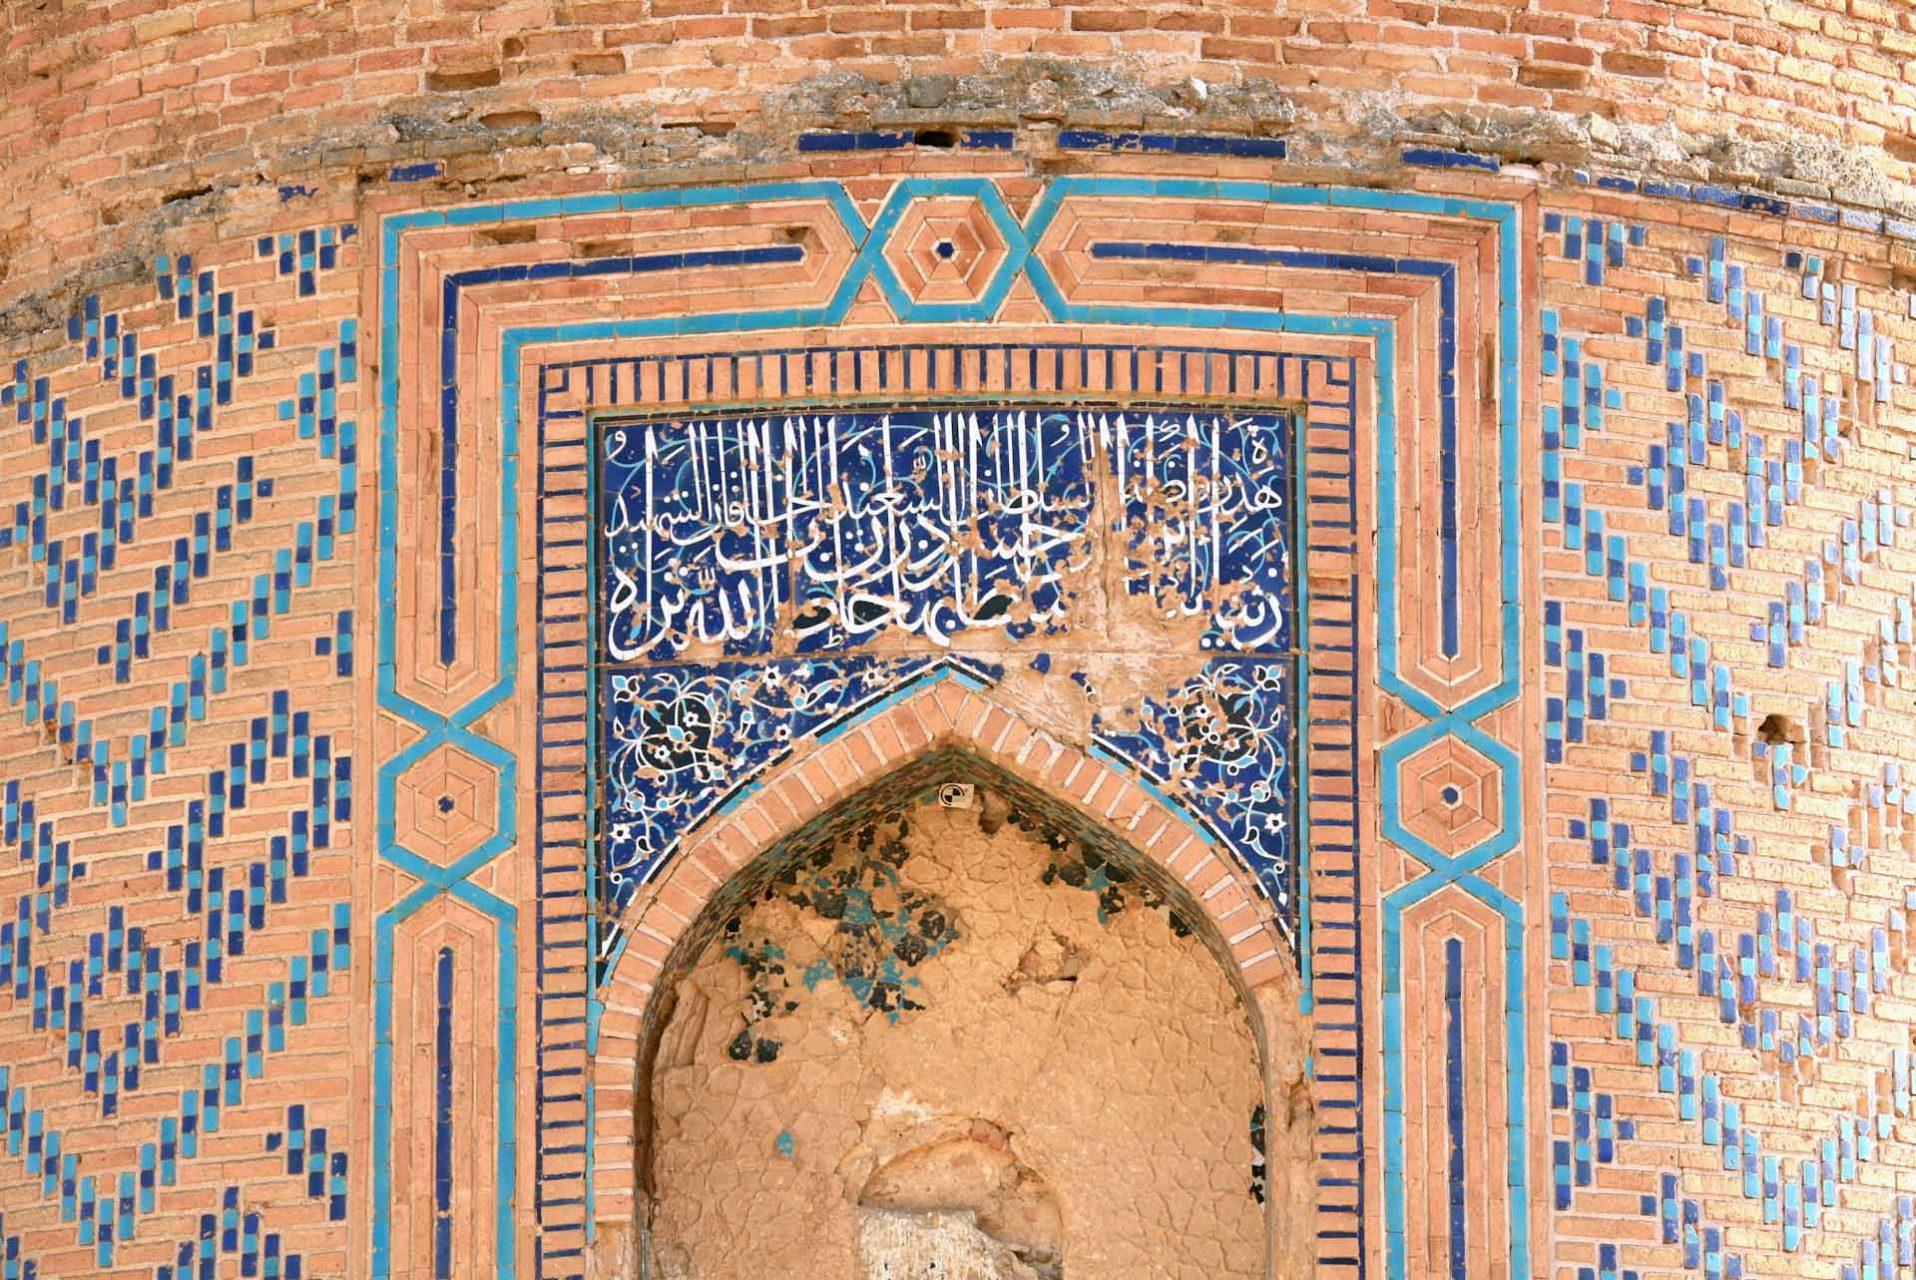 Die Fayencedekorationen der seldschukischen Zeynel Bey Türbe von Hasankeyf. Das Grabmal ist Teil der durch das GAP-Projekt bedrohten seltenen antiken Sakralbauten in Kleinasien.